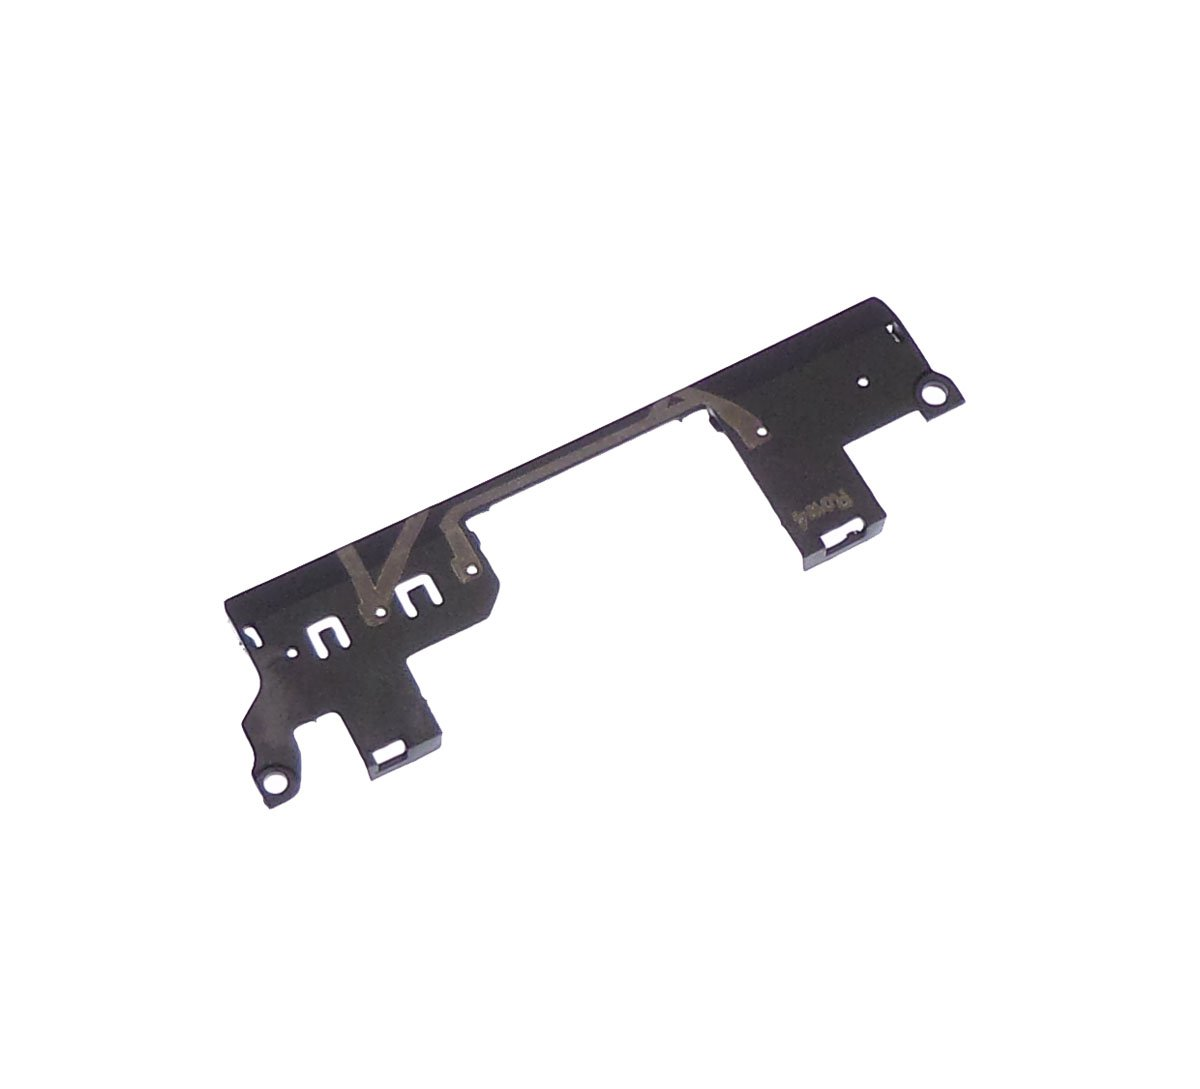 Antenne bluetooth pour Sony Xperia Z3 L55t D6603,D6633,D6643,D6653,D6616